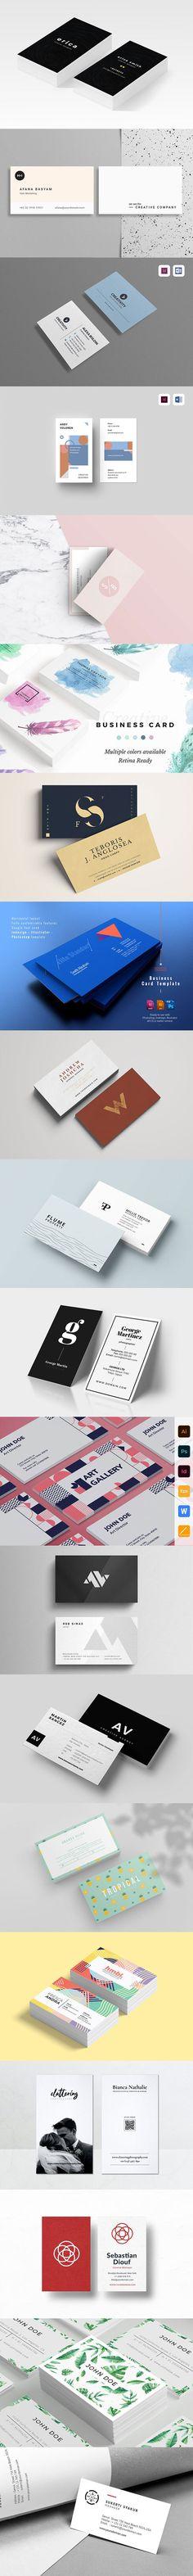 35 Business Card Templates for Photographer, Artist & Designer – Bashooka Business Card Design, Business Cards, Card Templates, Photoshop, Artist, Magazine Design, Visit Cards, Carte De Visite, Amen